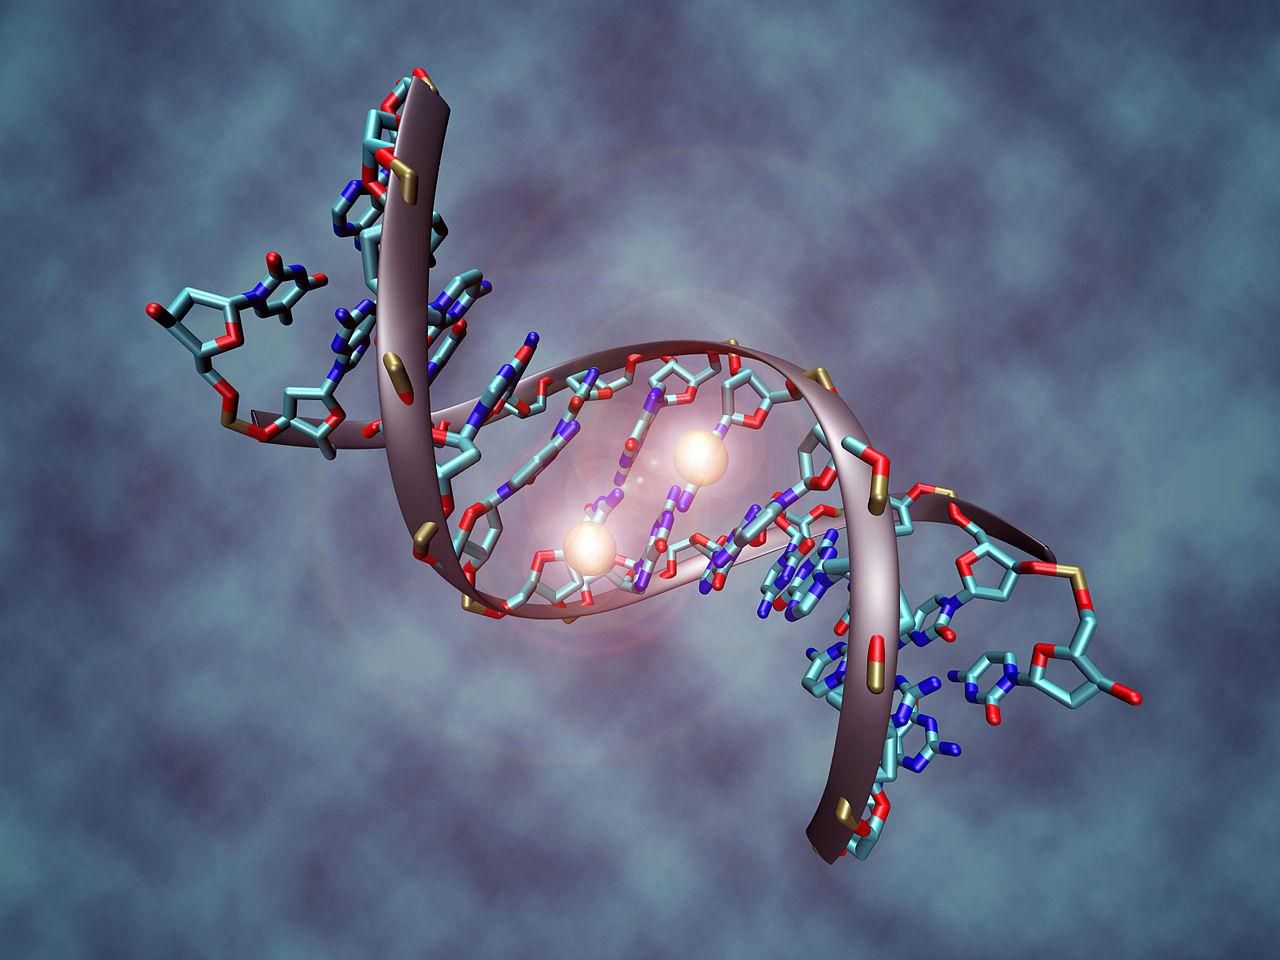 DNA-sekvens med metylgrupper som blokkerar avlesing av eit gen. Illustrasjon.